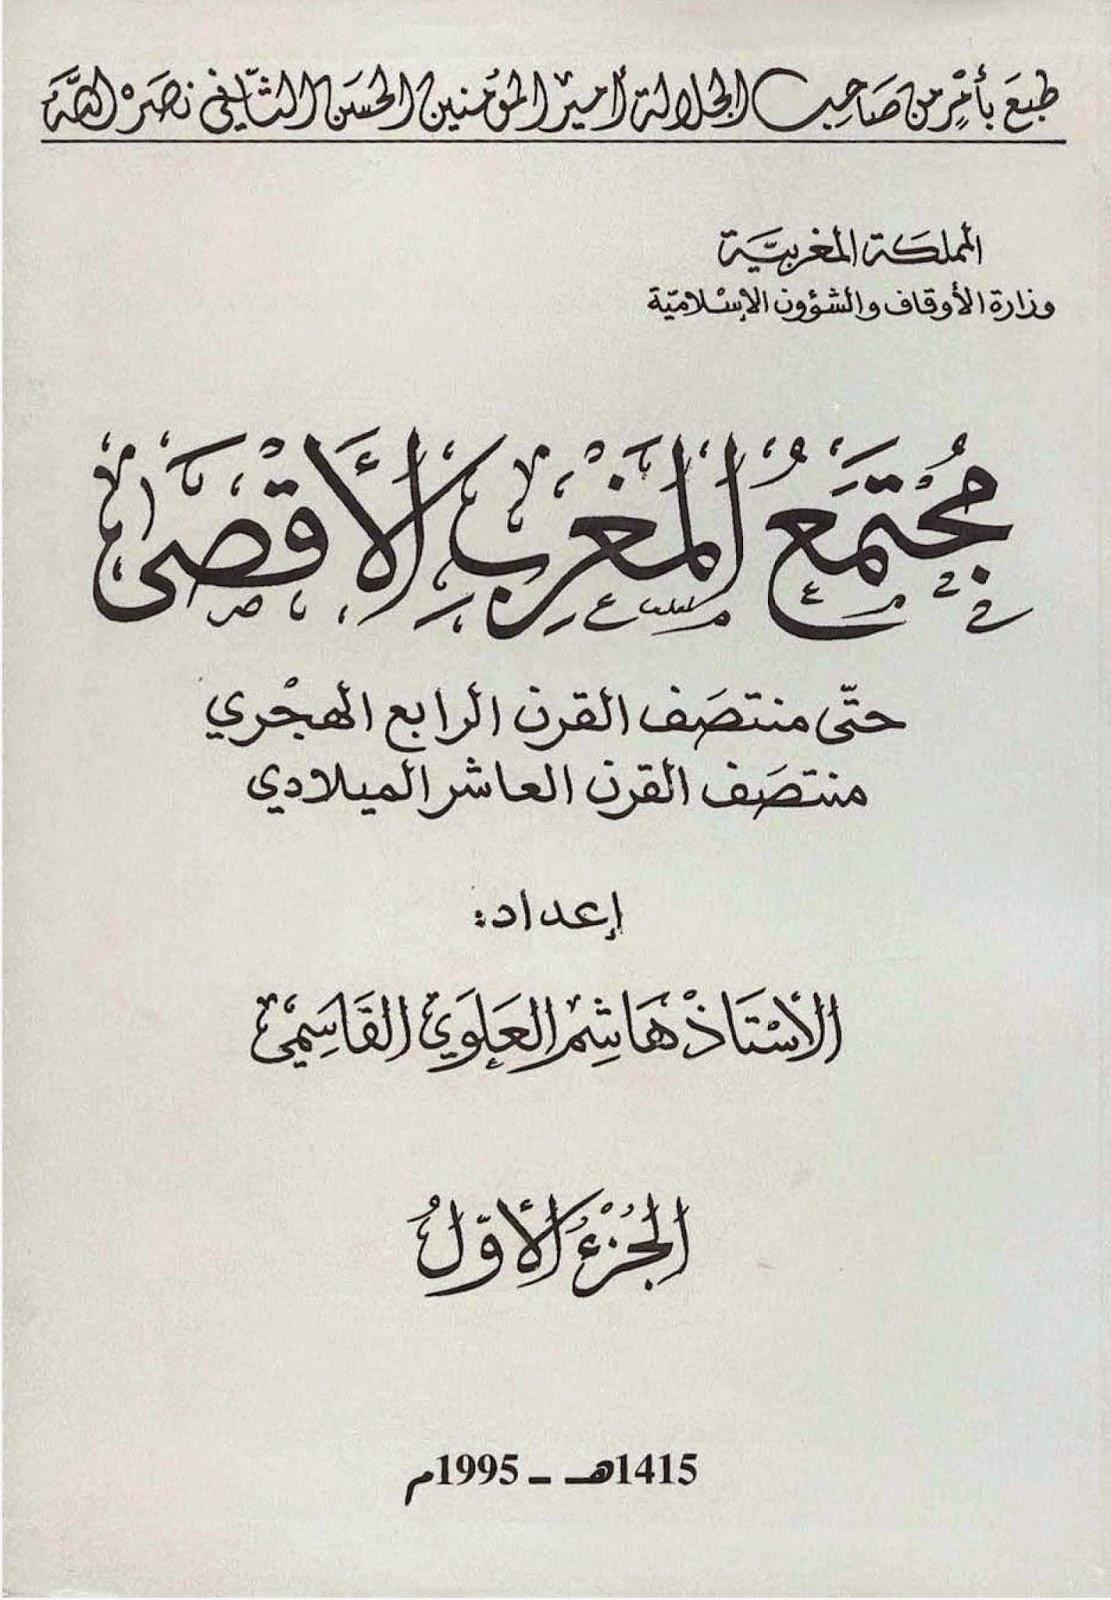 مجتمع المغرب الأقصى حتى منتصف القرن الرابع الهجري لـ هاشم العلوي القاسمي